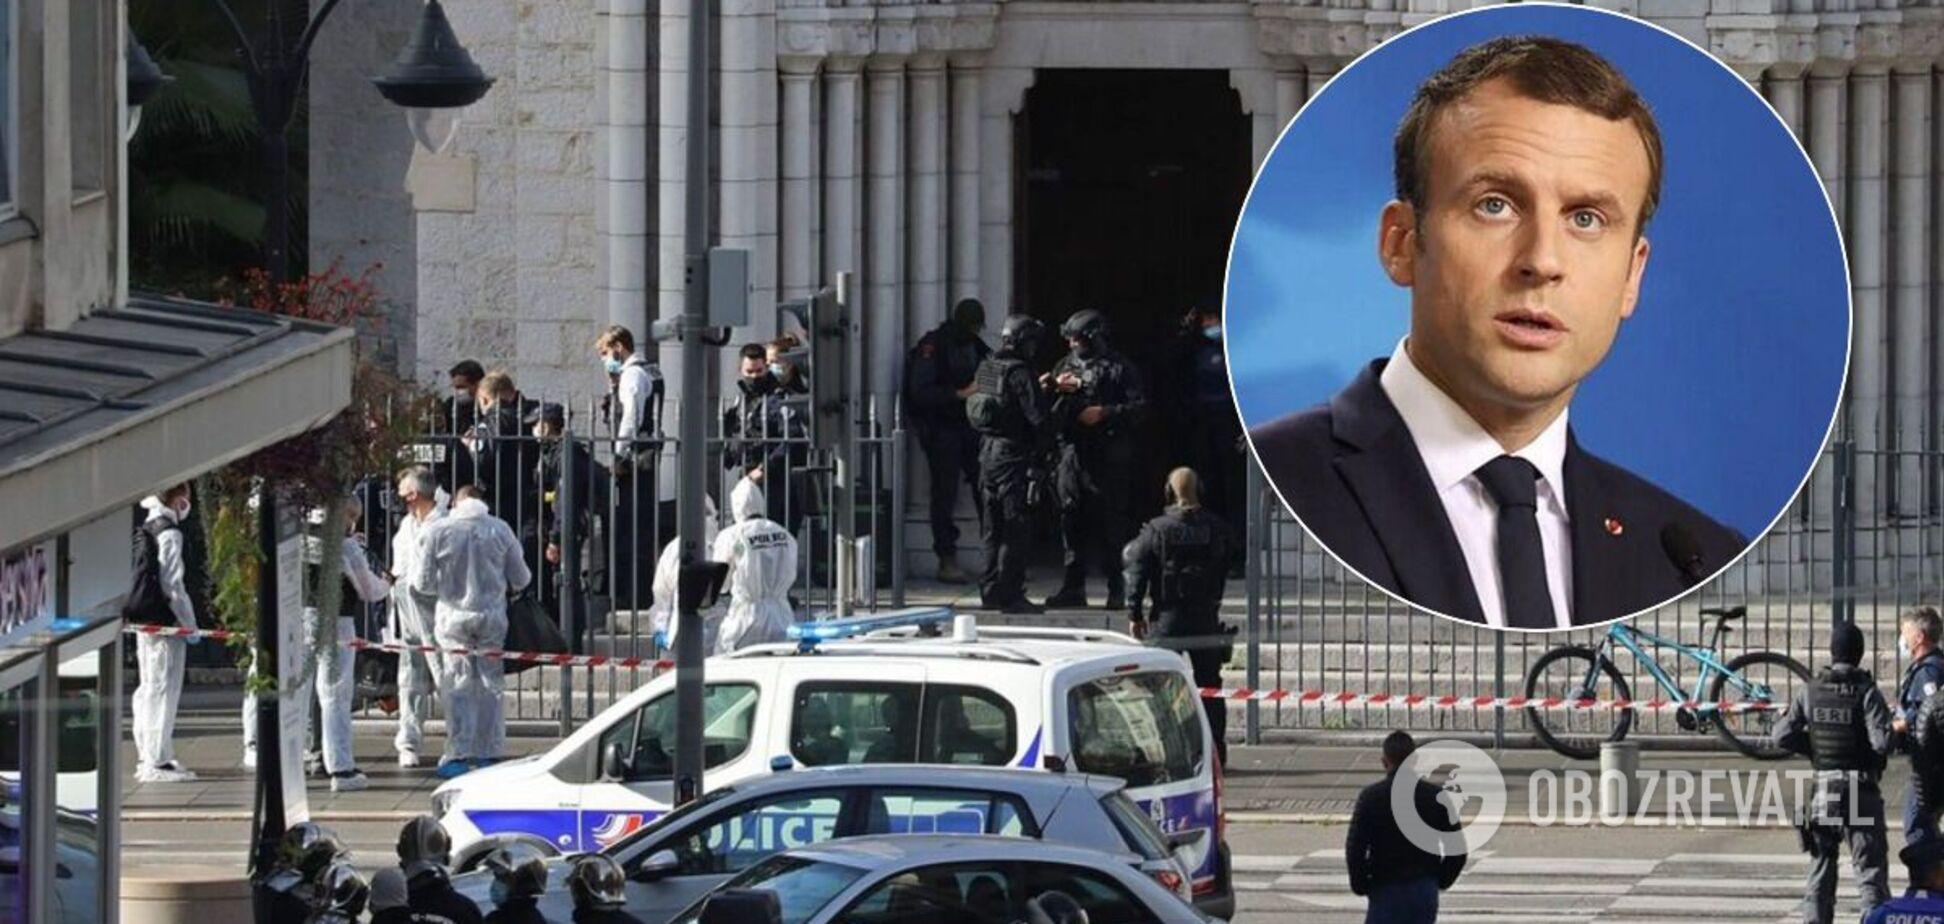 Відповідь французької влади на напади буде 'швидкою і рішучою'